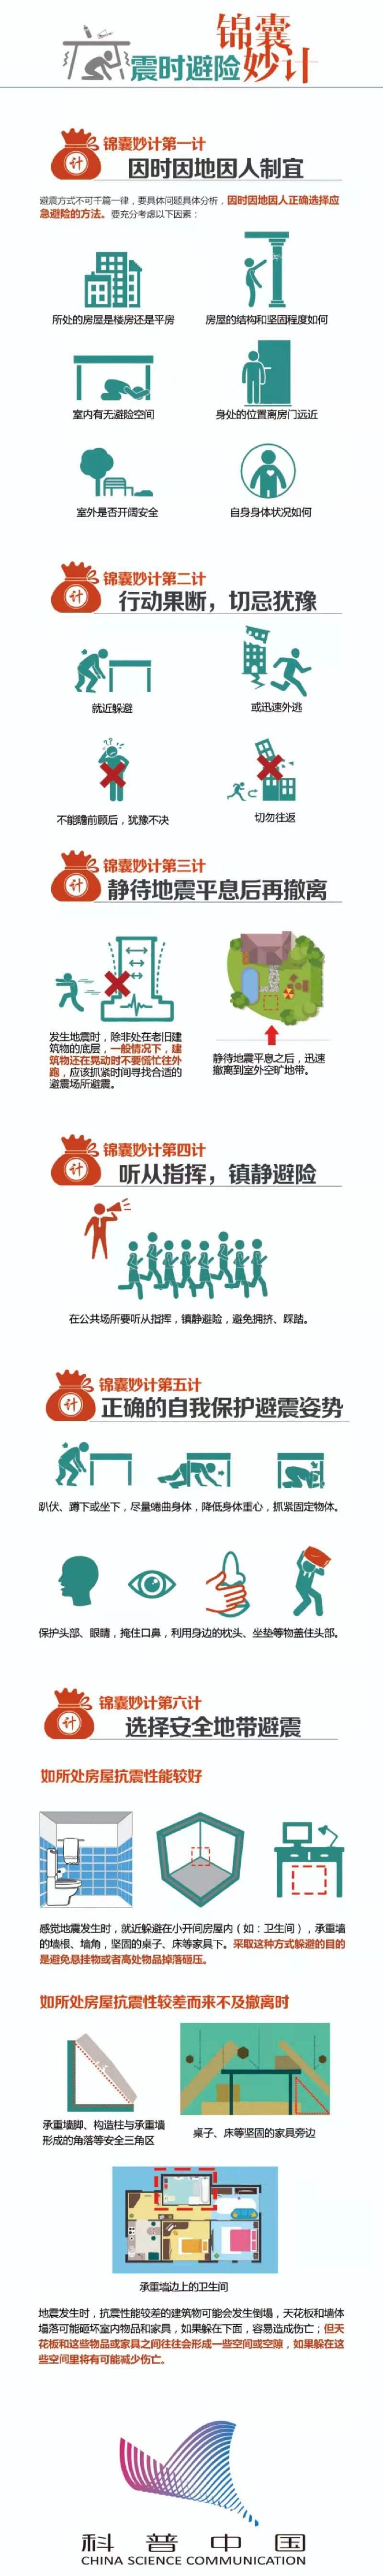 天富官网首页【应急科普】震时避险锦囊妙计